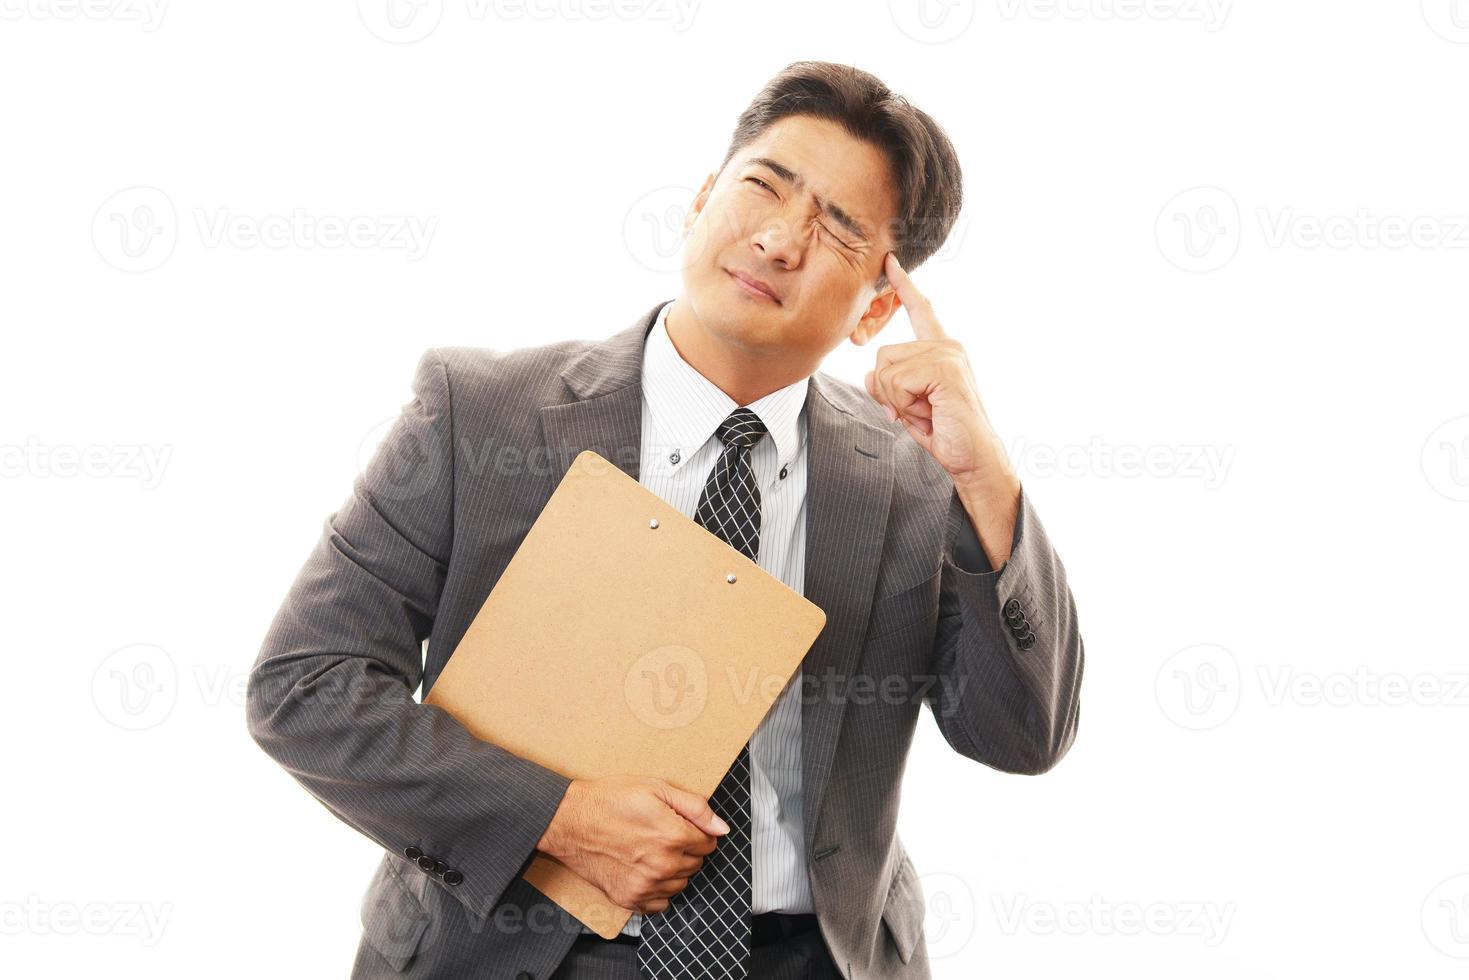 empresario frustrado foto